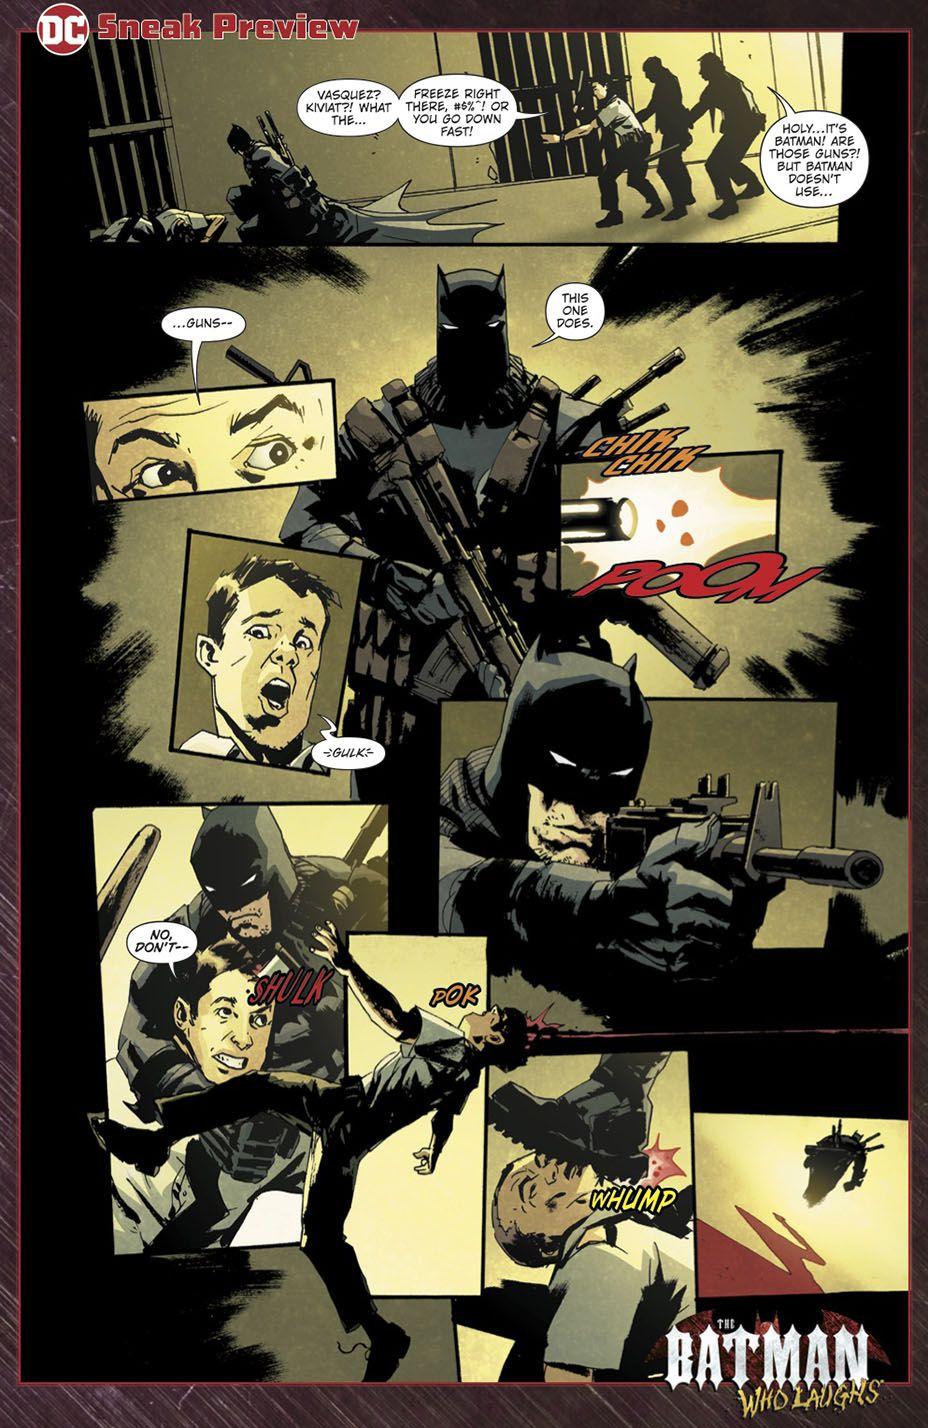 蝙蝠侠笑了回来,他带来了一个新的梦魇蝙蝠侠